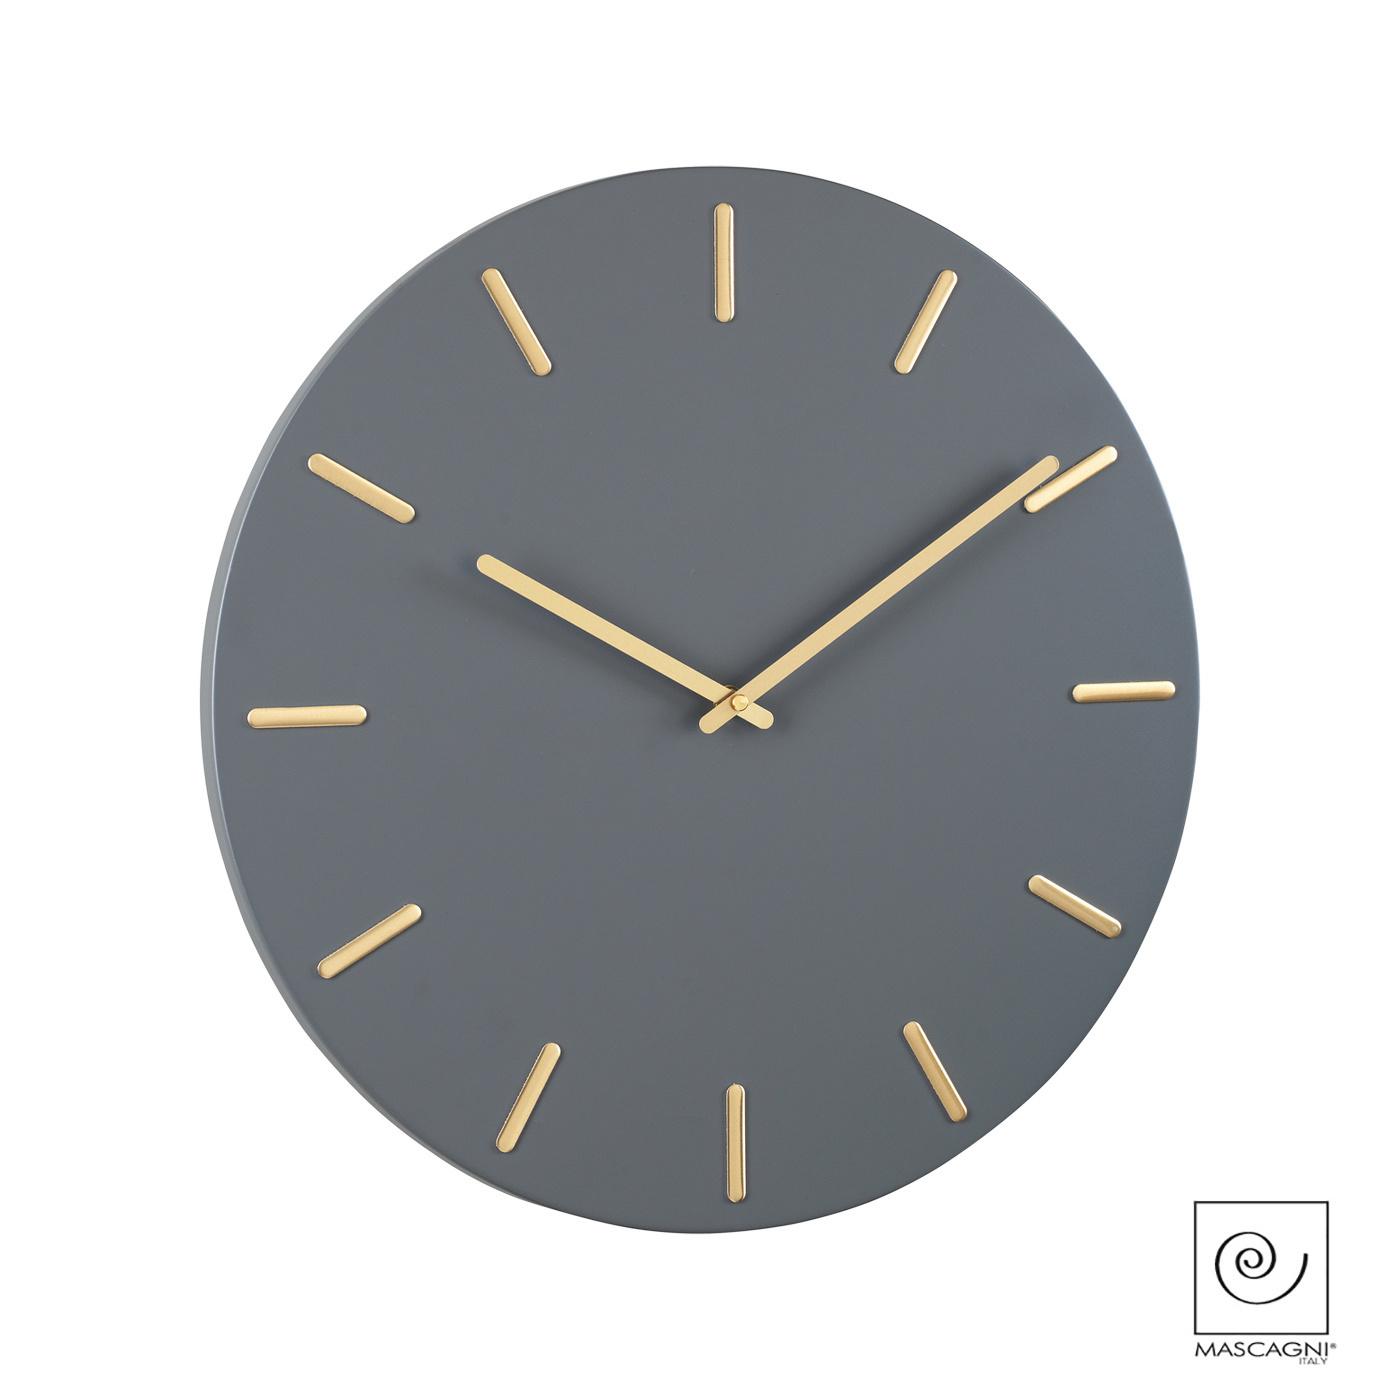 Art Mascagni M583 CLOCK DIAM.45